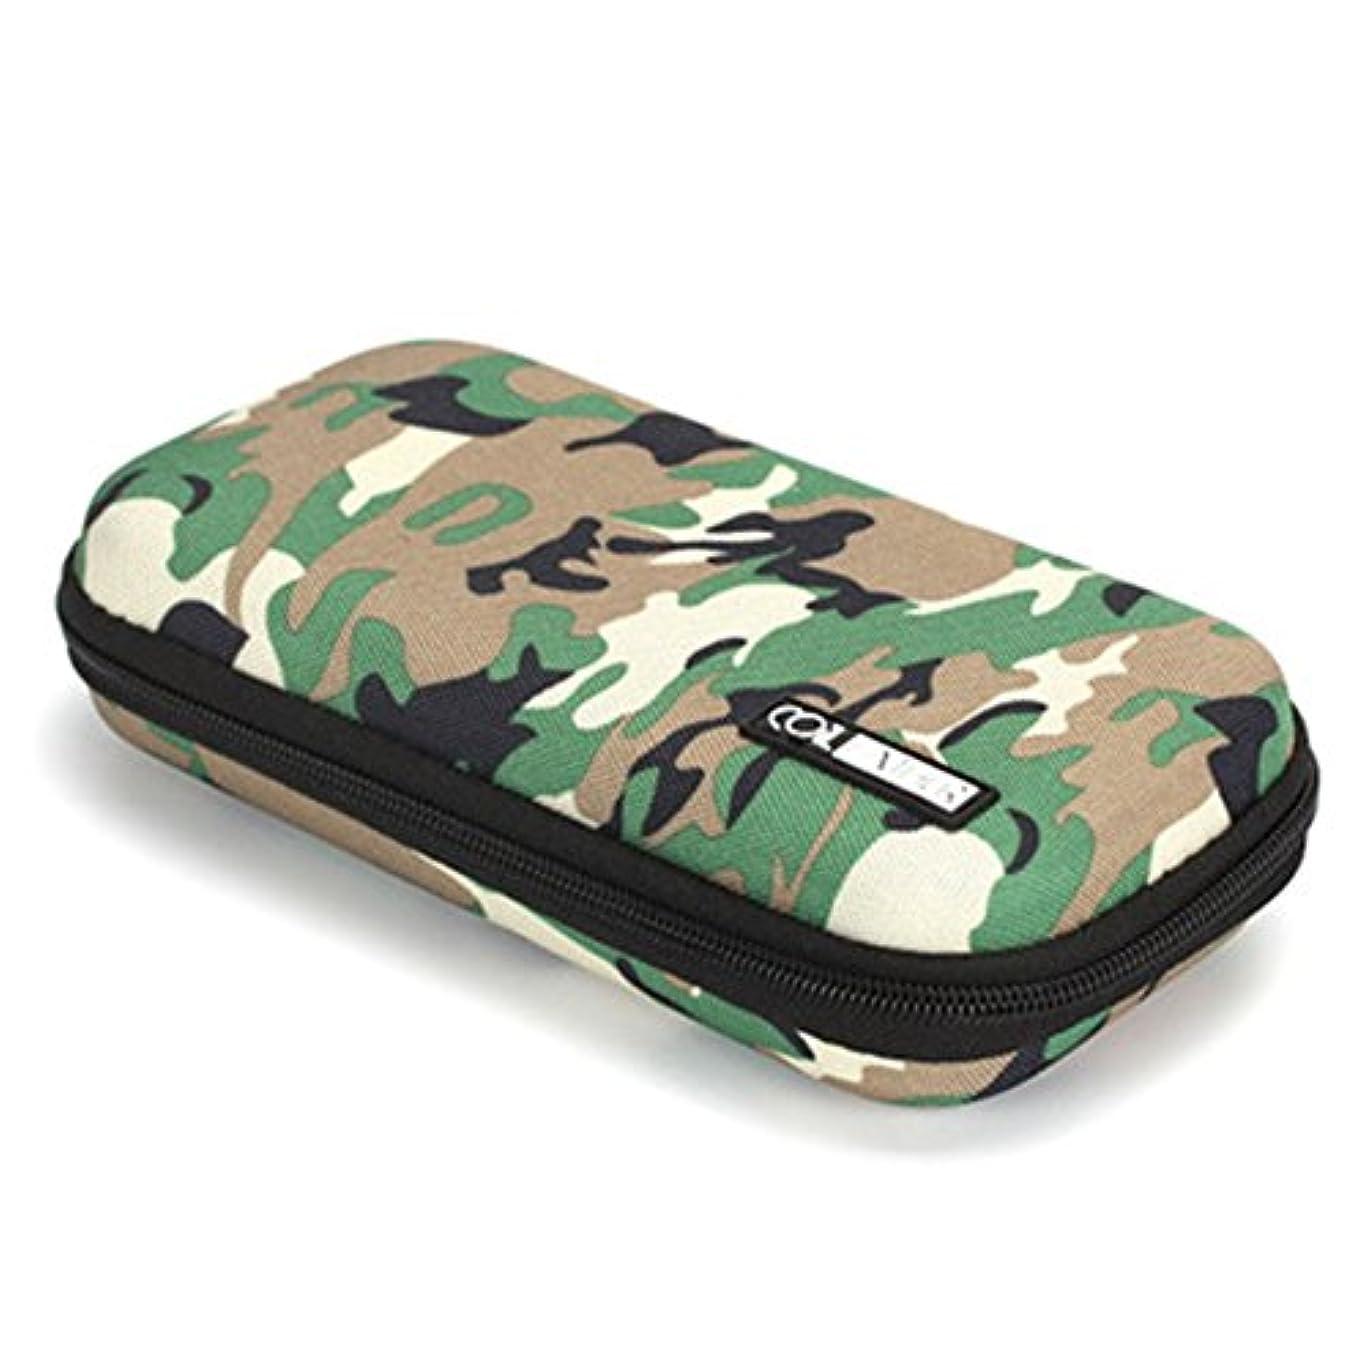 遮るマージ担保Shioyaw 電子たばこ バッグ VAPE ケース 全部収納 お洒落 高級 プレゼント 防衝撃 紛失防止(グリーン)